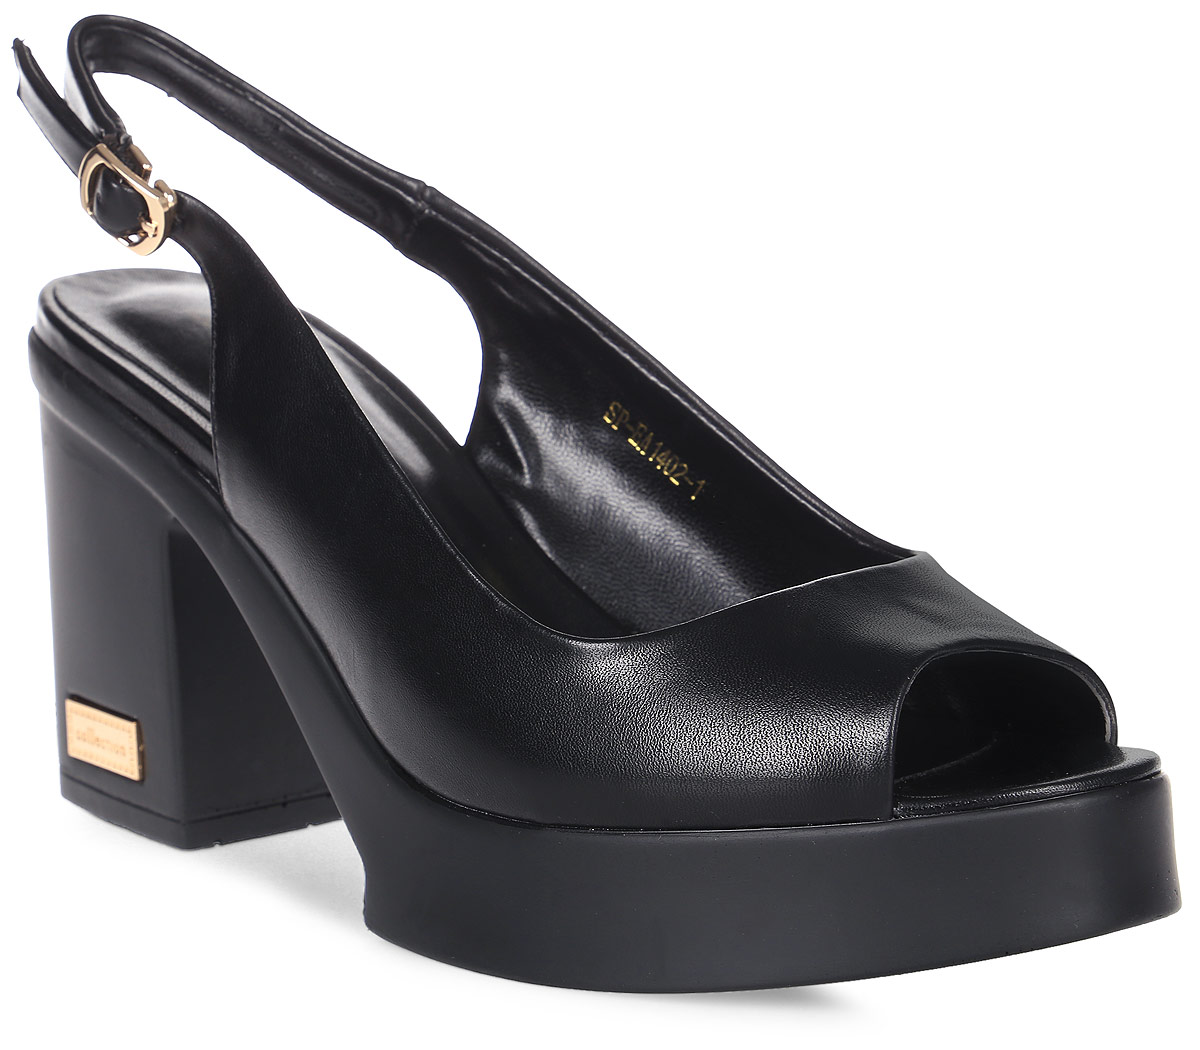 Босоножки женские LK collection, цвет: черный. SP-EA1402-1(2) PU (SP-E308001-2). Размер 37SP-EA1402-1(2) PU (SP-E308001-2)Стильные босоножки на устойчивом квадратном каблуке выполнены из искусственной кожи. Босоножки фиксируются на ноге при помощи застежки-пряжки.